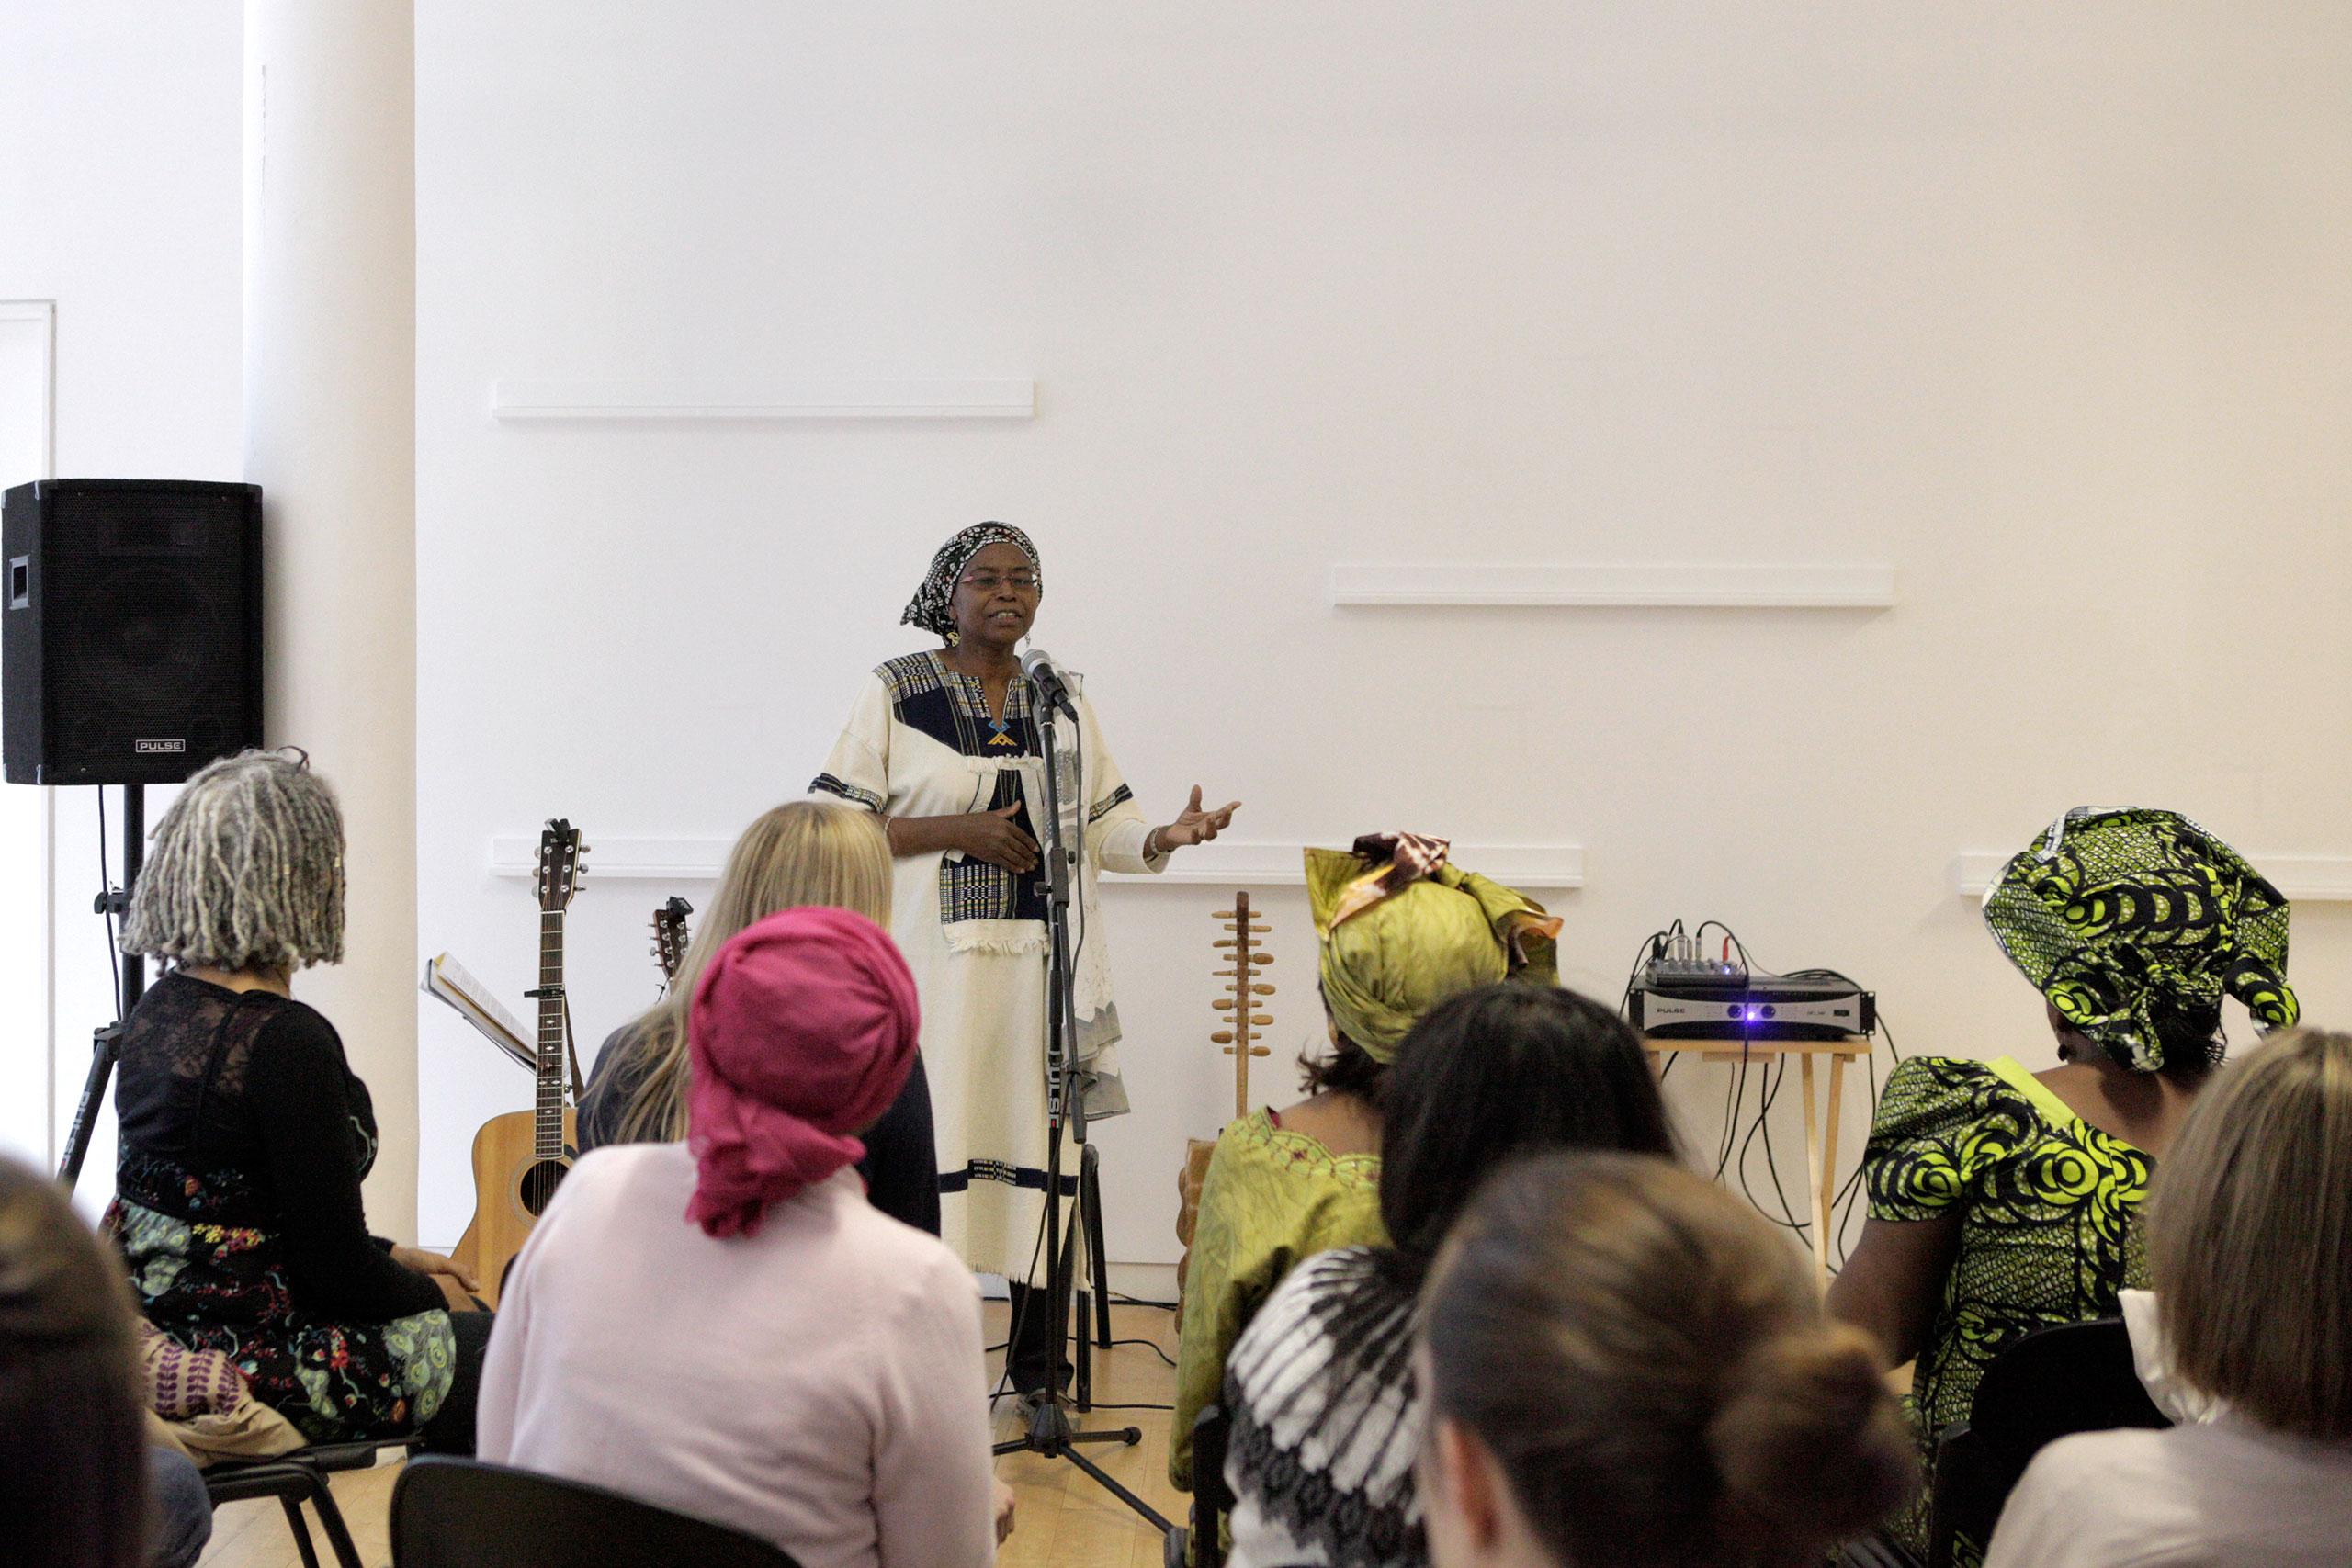 Mukami McCrum, MBE, Community Activist and Feminist